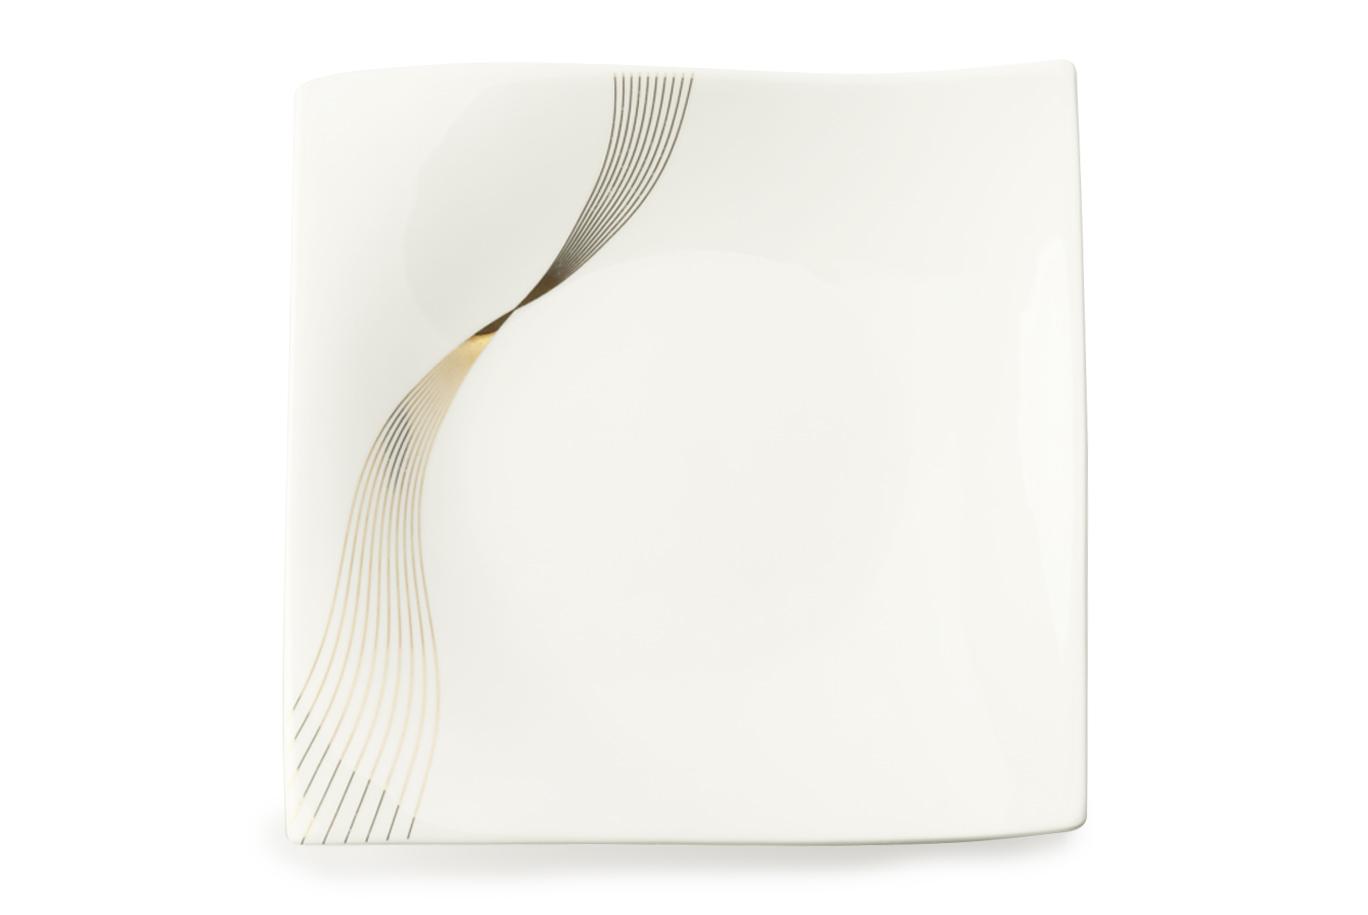 Čtvercový talíř Frequency 27 x 27 cm - Maxwell&Williams